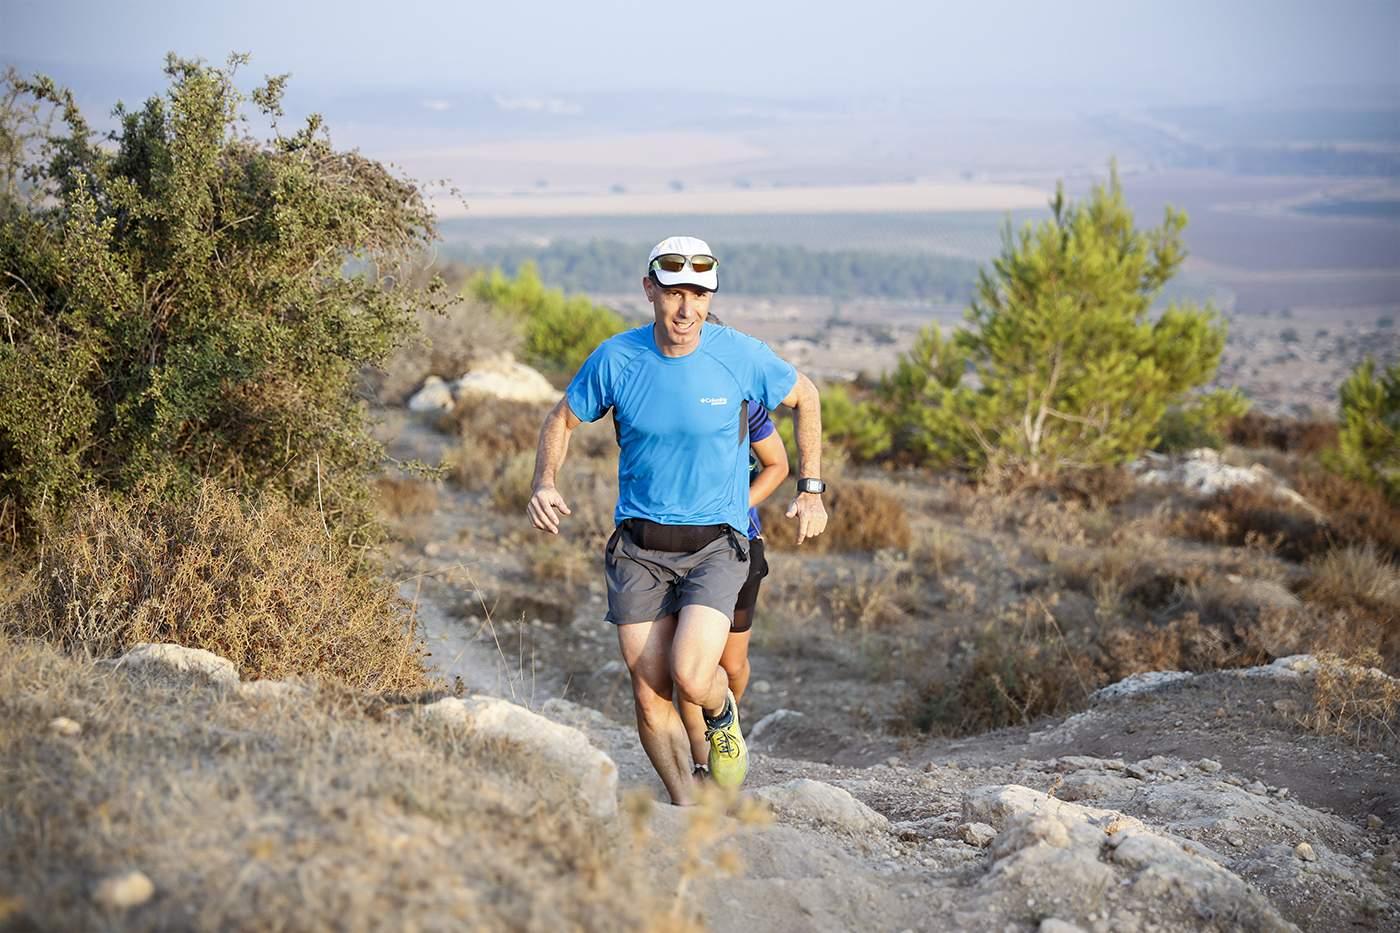 לשפר קצב ריצה